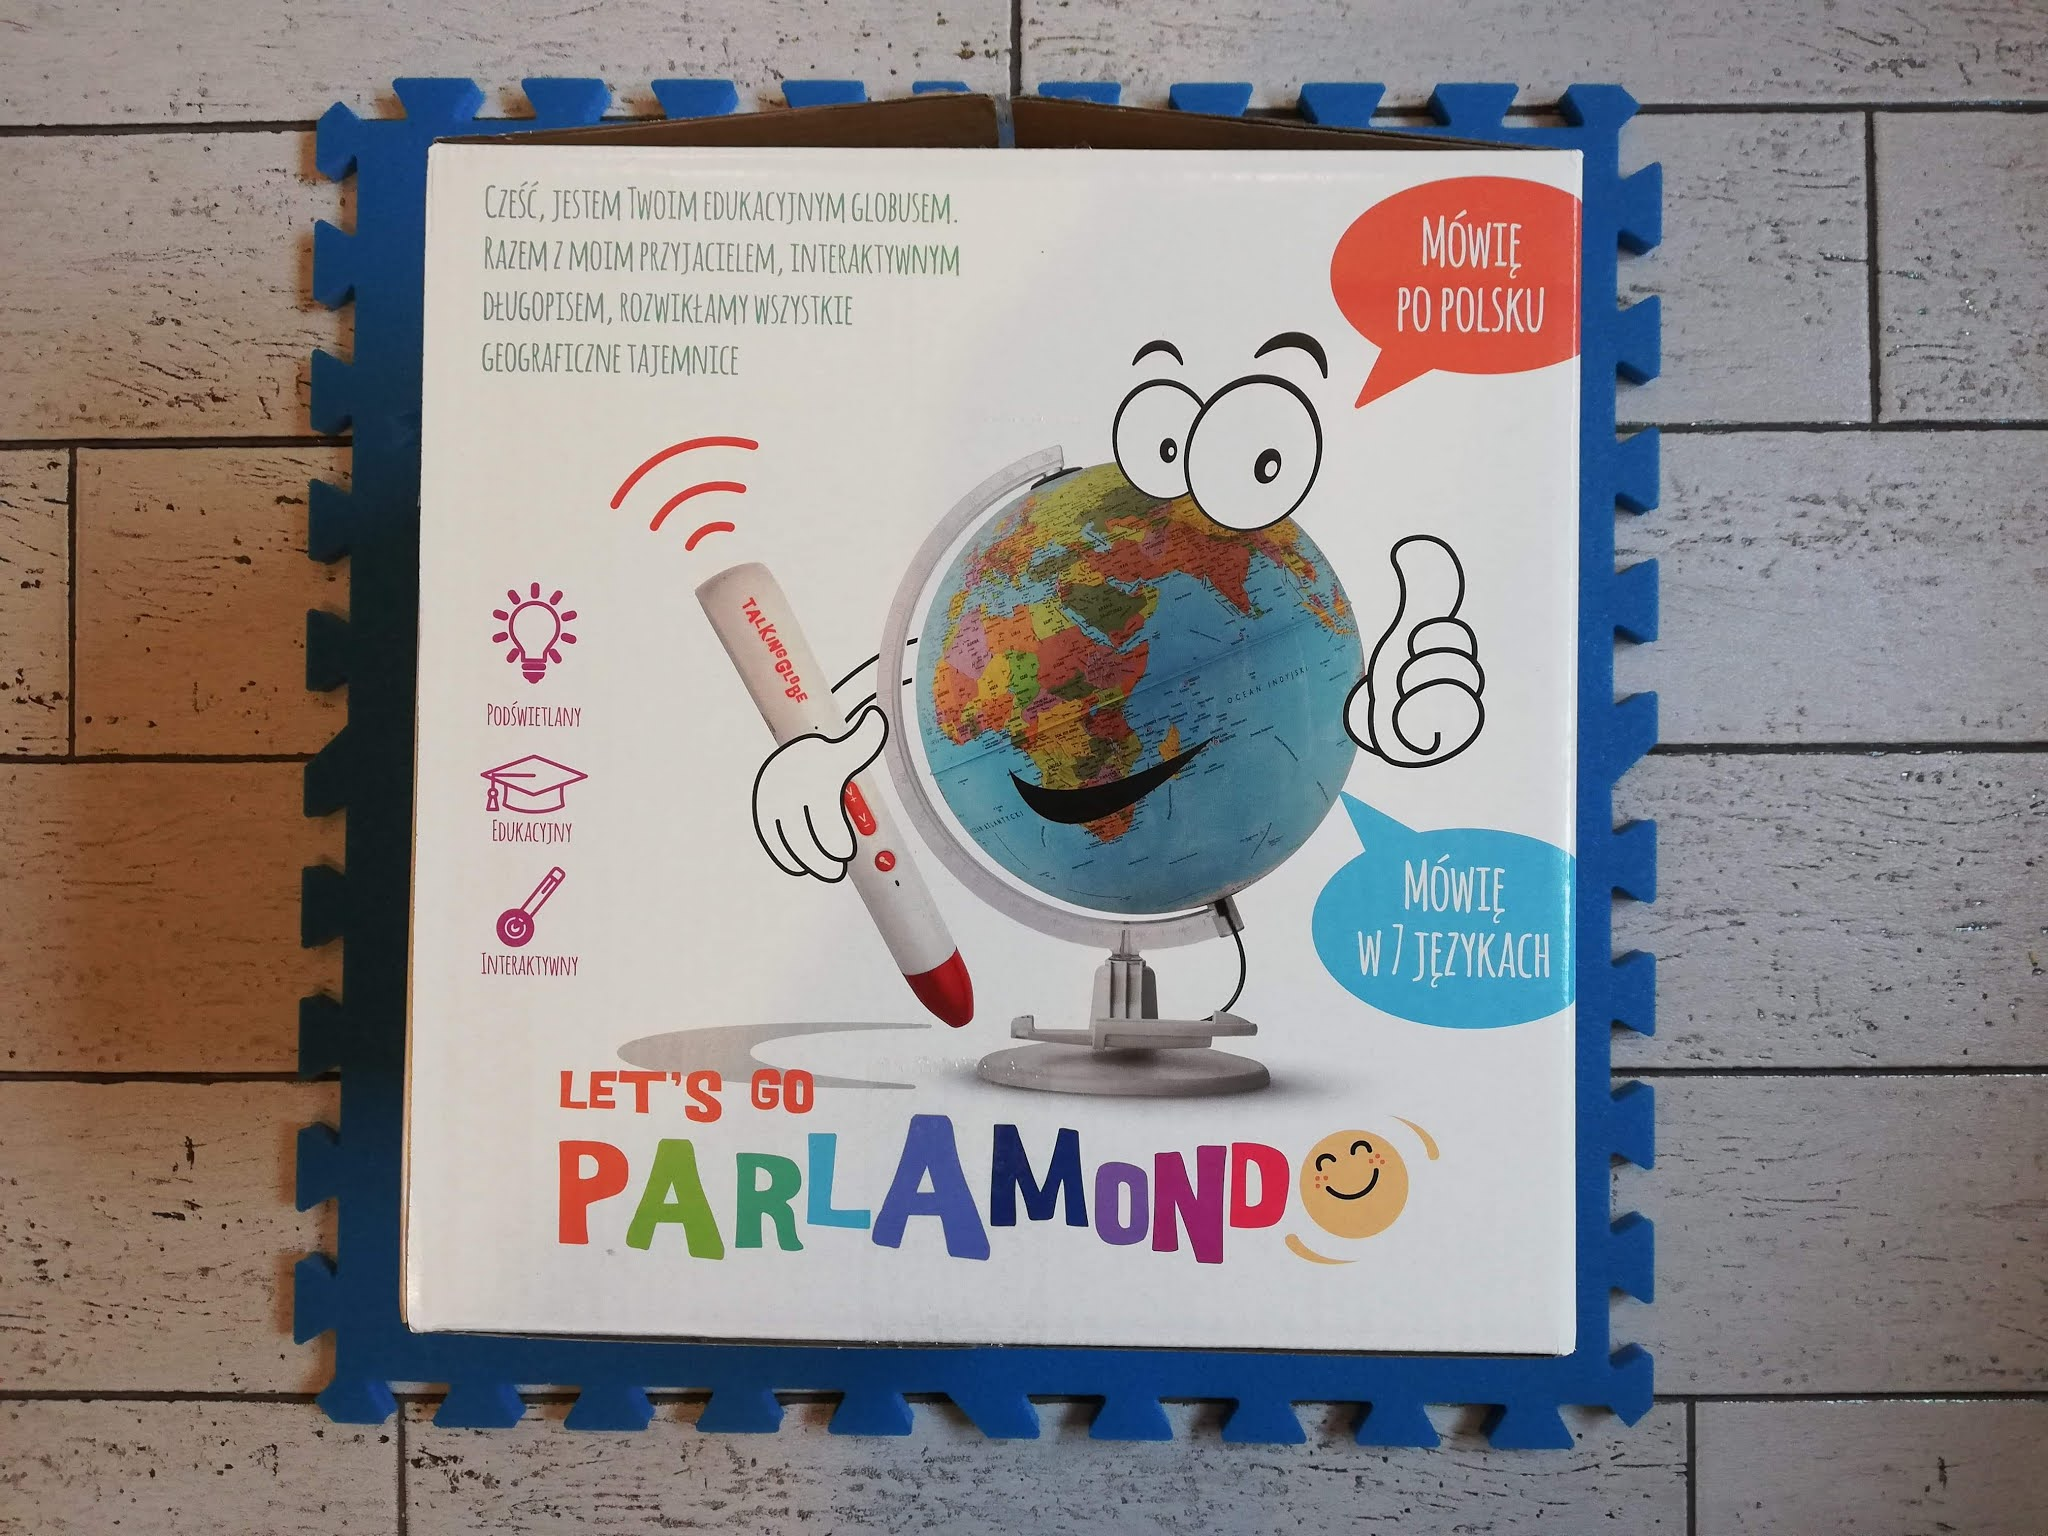 Interaktywny globus dla dzieci - Parlamondo